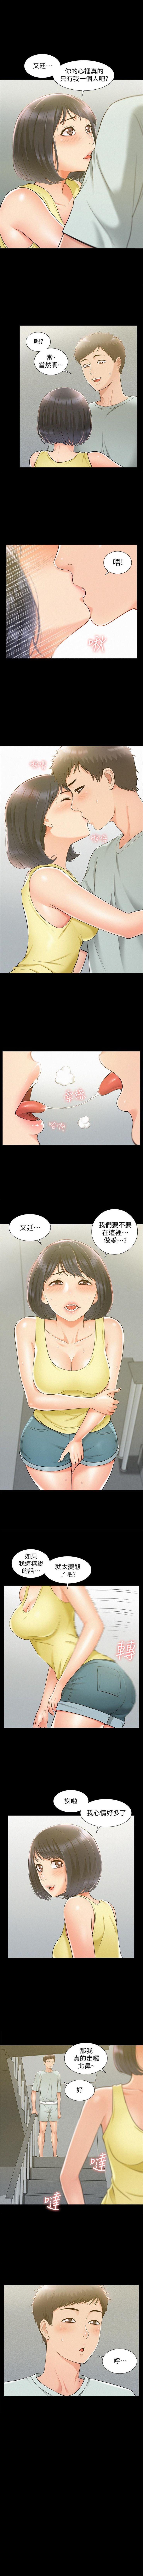 (週4)難言之隱 1-24 中文翻譯(更新中) 83